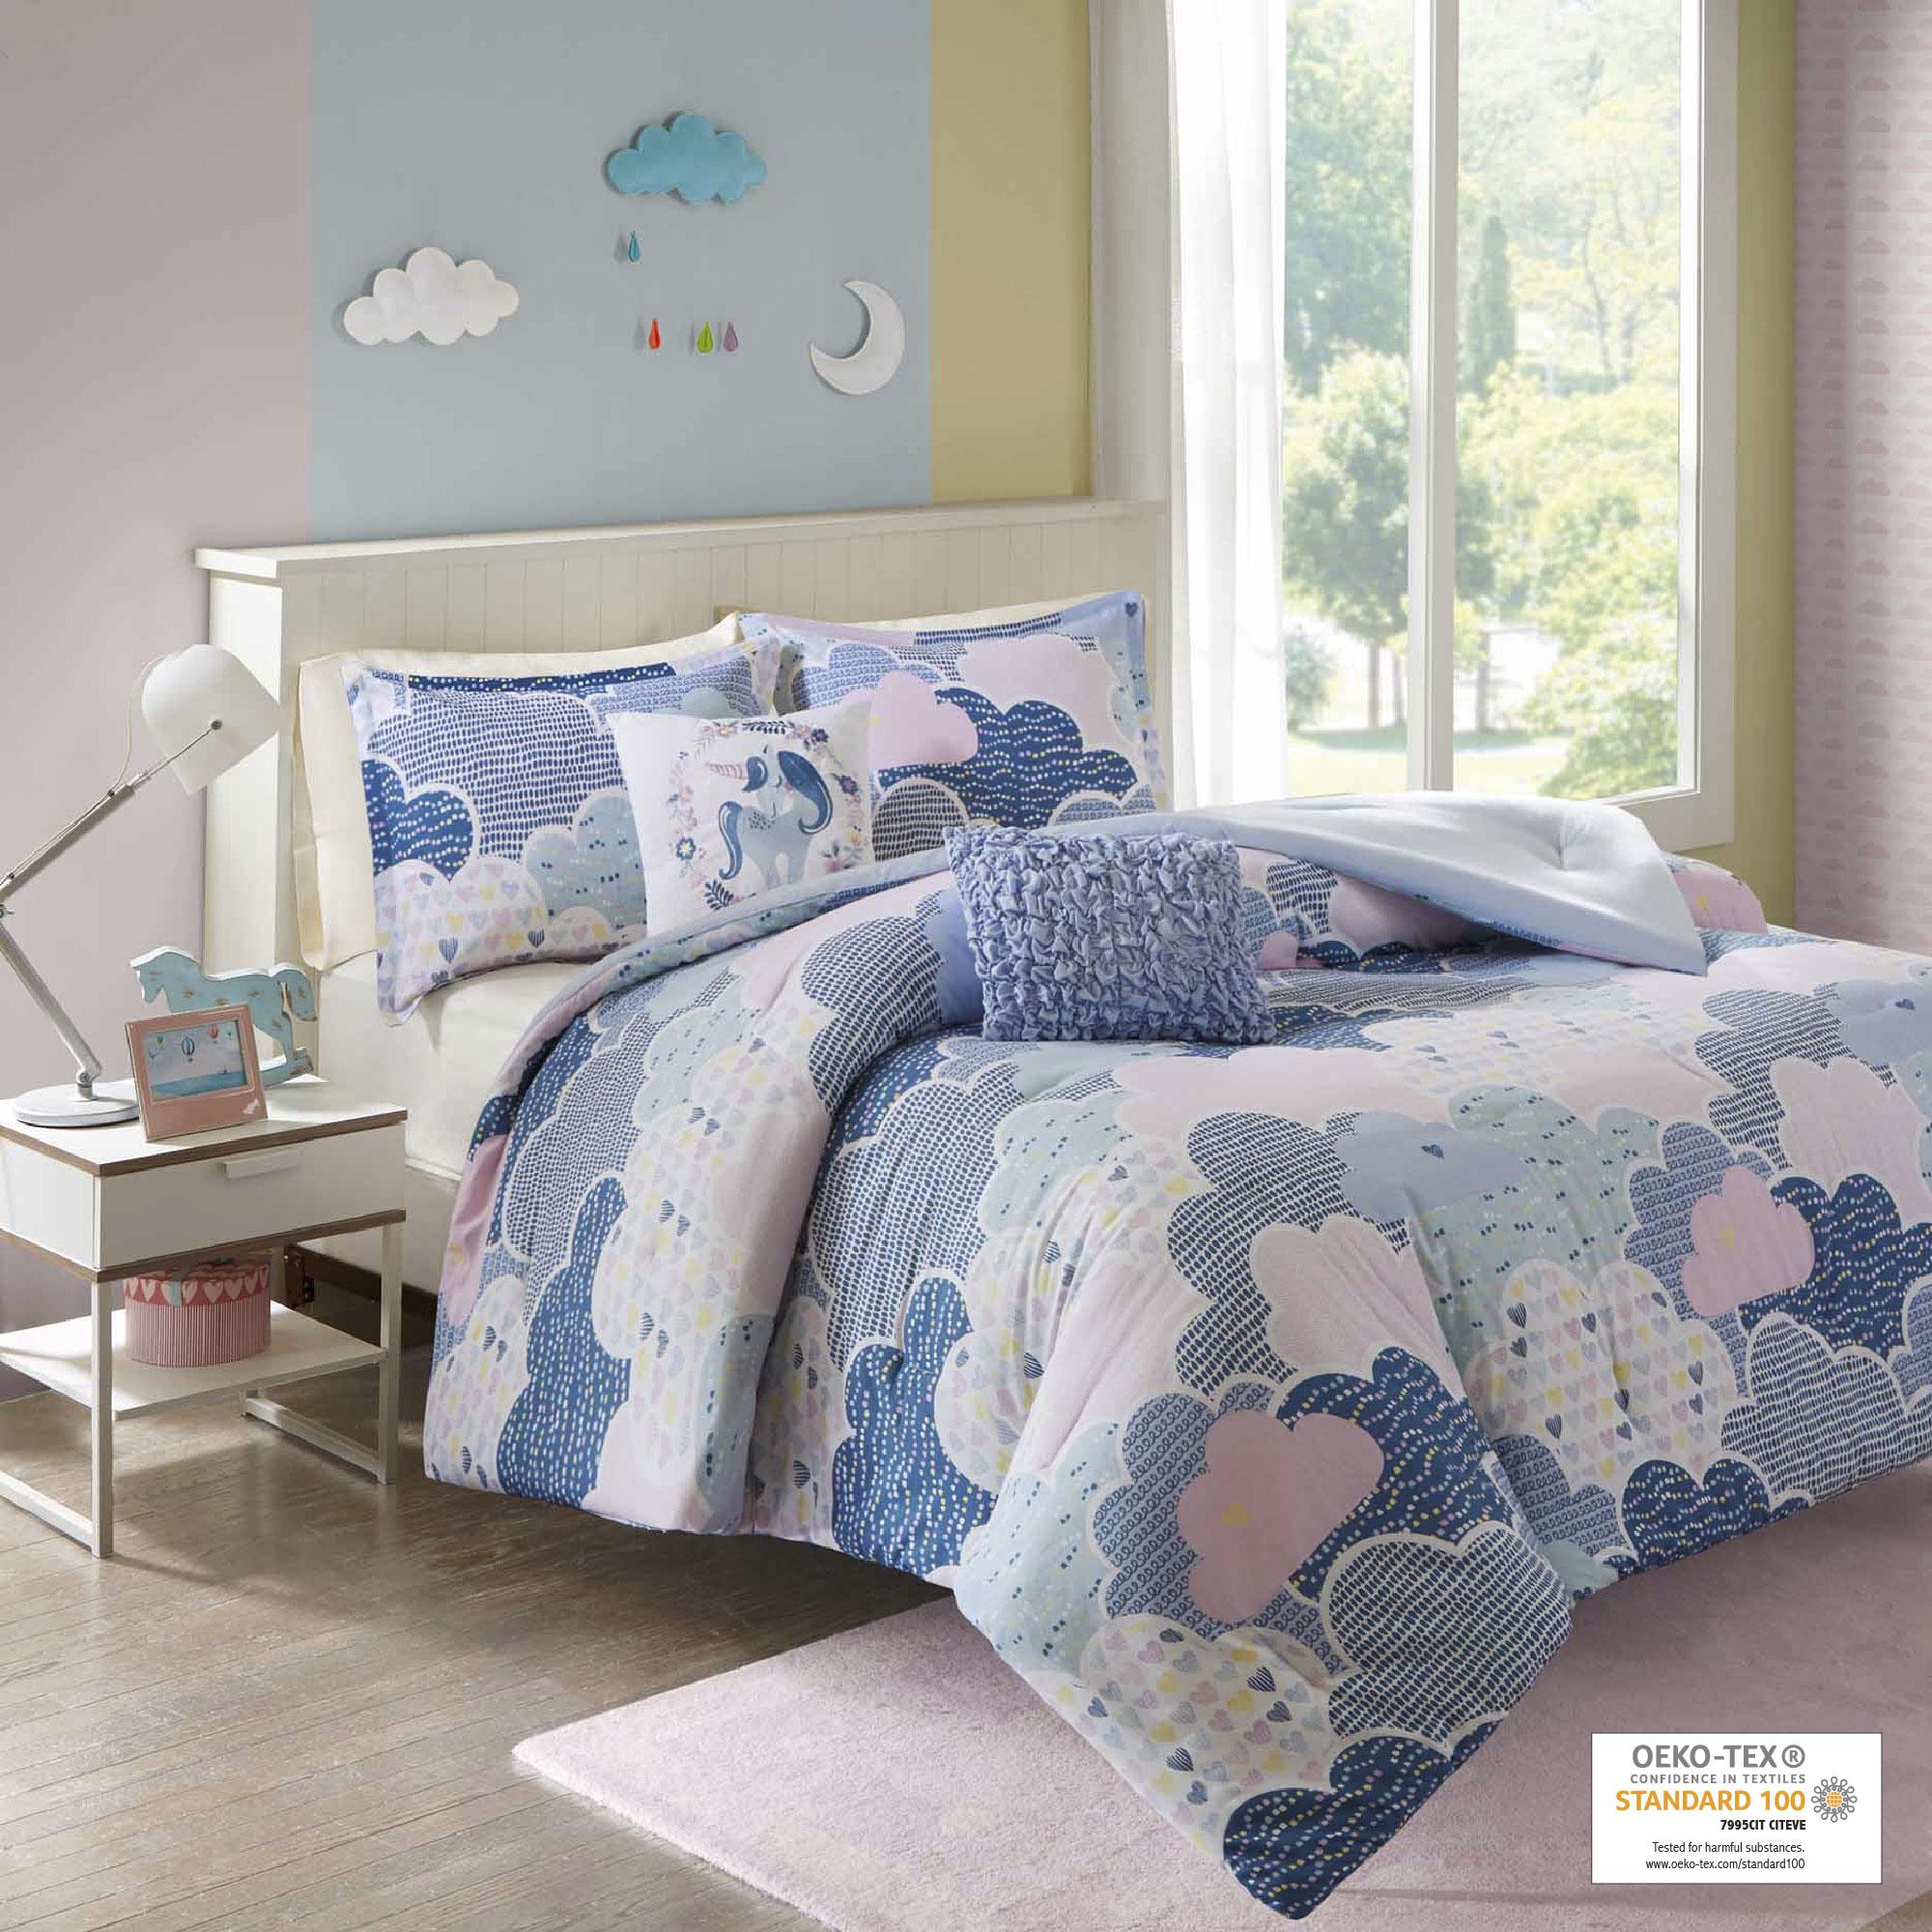 Home Essence Kids Euphoria Cotton Printed Comforter Set Walmart Com Walmart Com